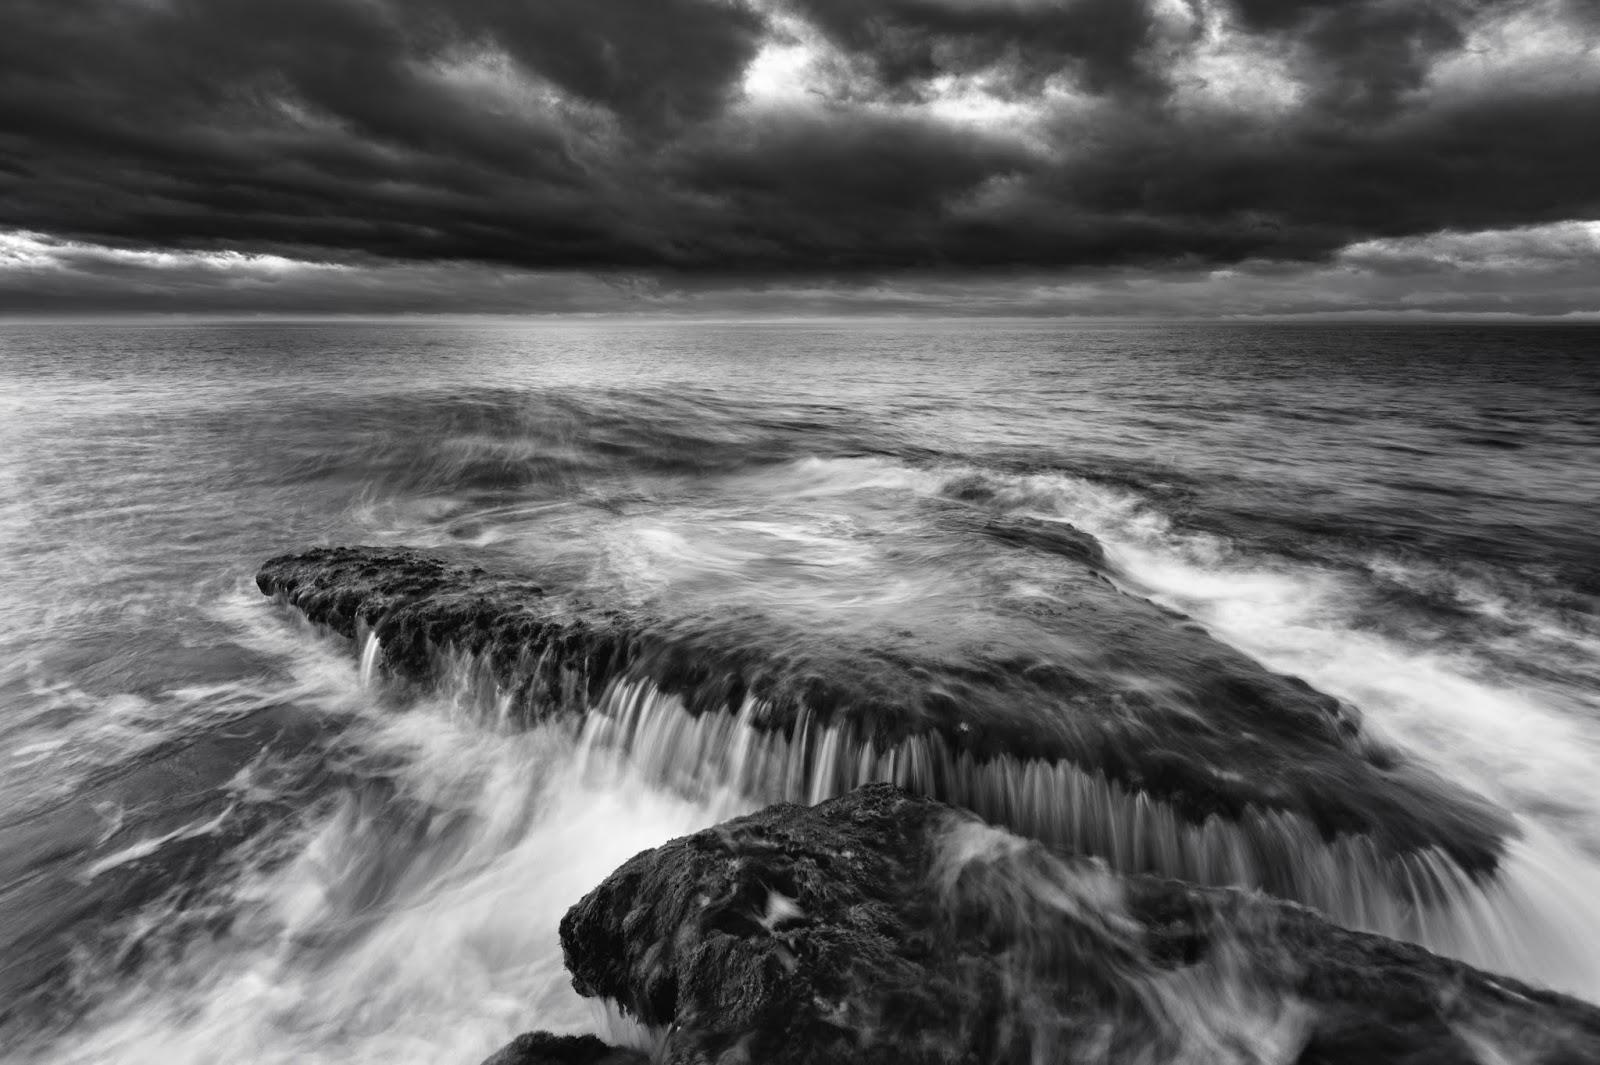 Fotograf a de paisaje en blanco y negro el paisaje perfecto for Imagenes bonitas en blanco y negro